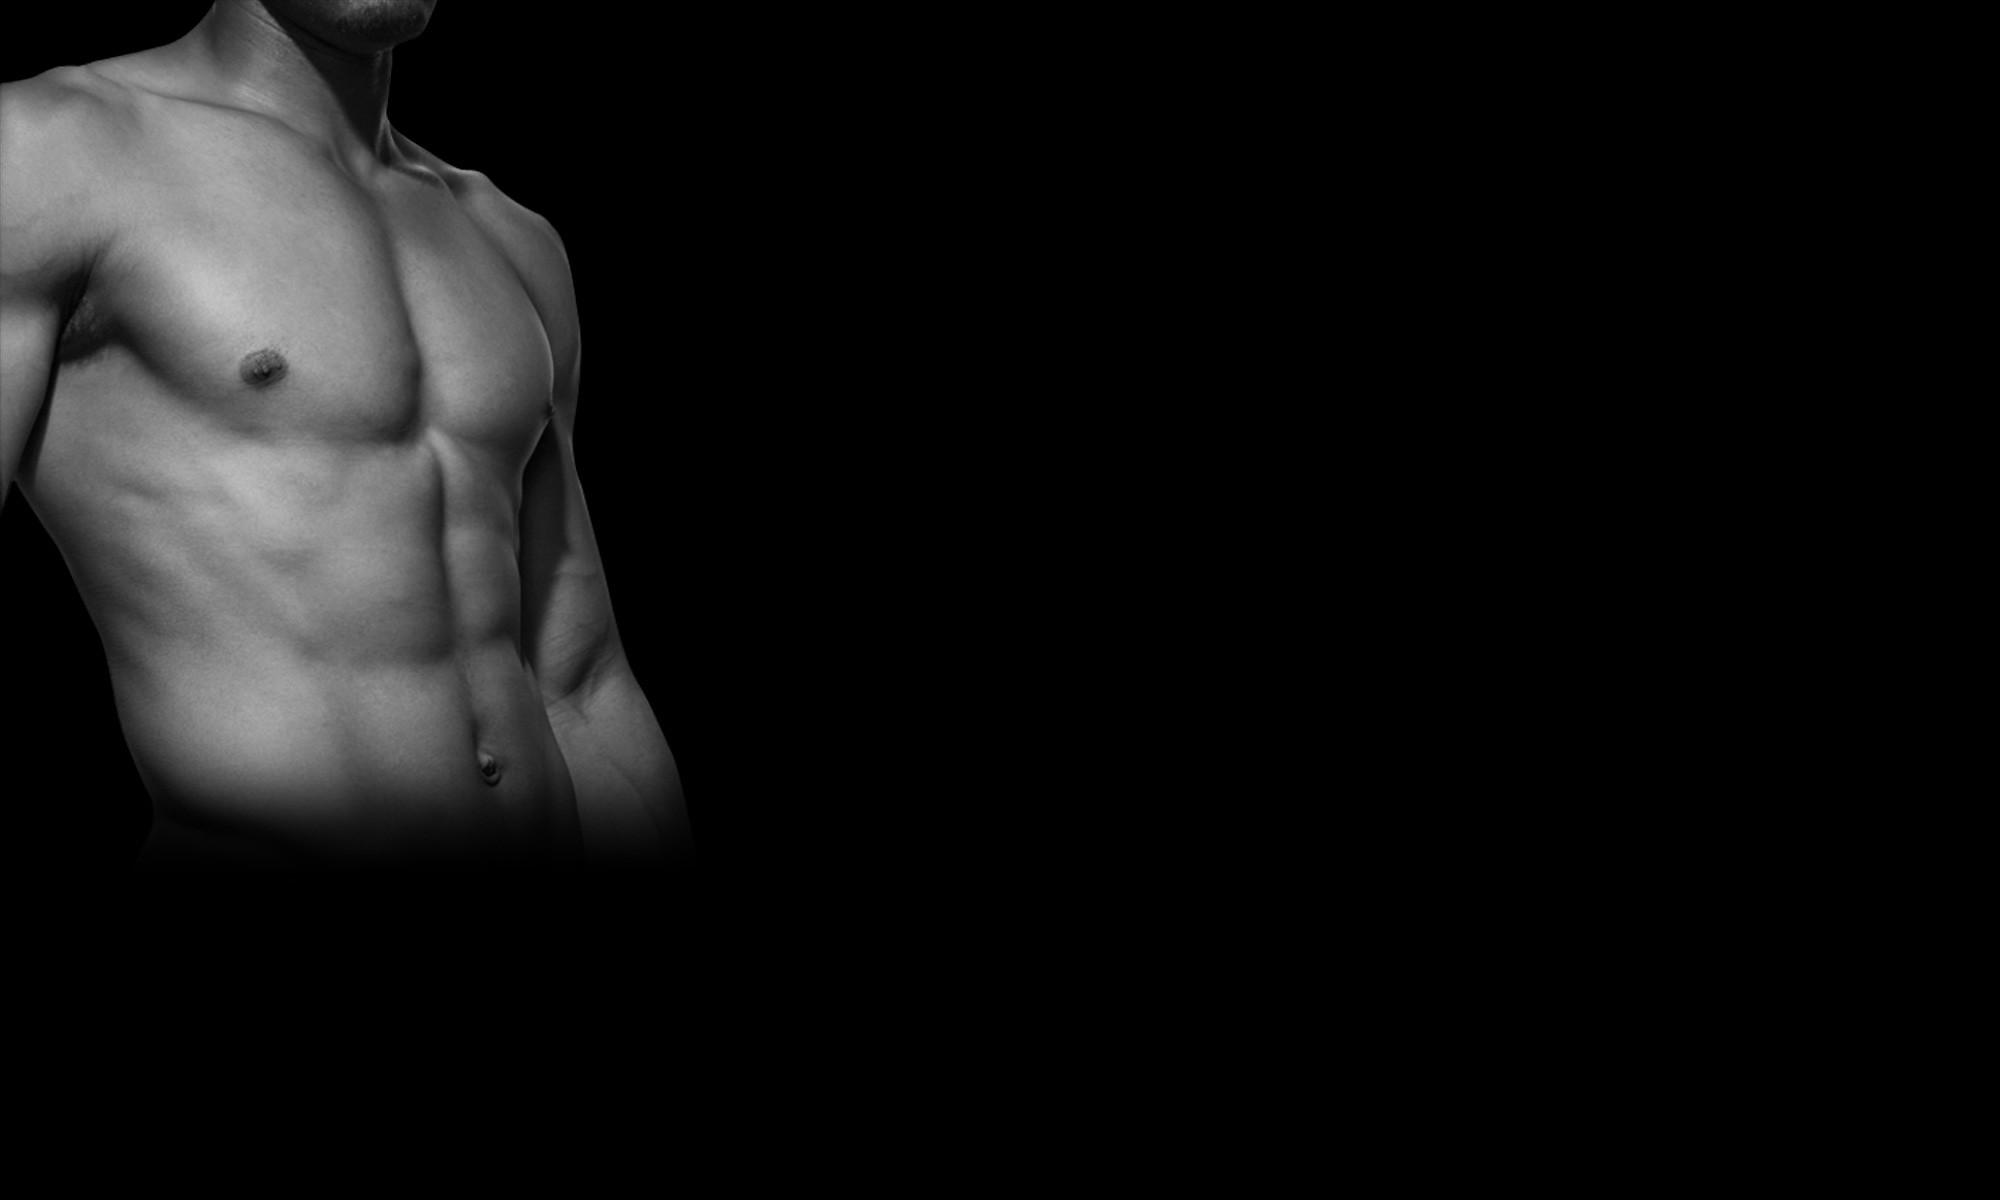 vaser facelift of vaser ultrasound liposuction for men manhattan nyc with vaser ultrasound liposuction for men